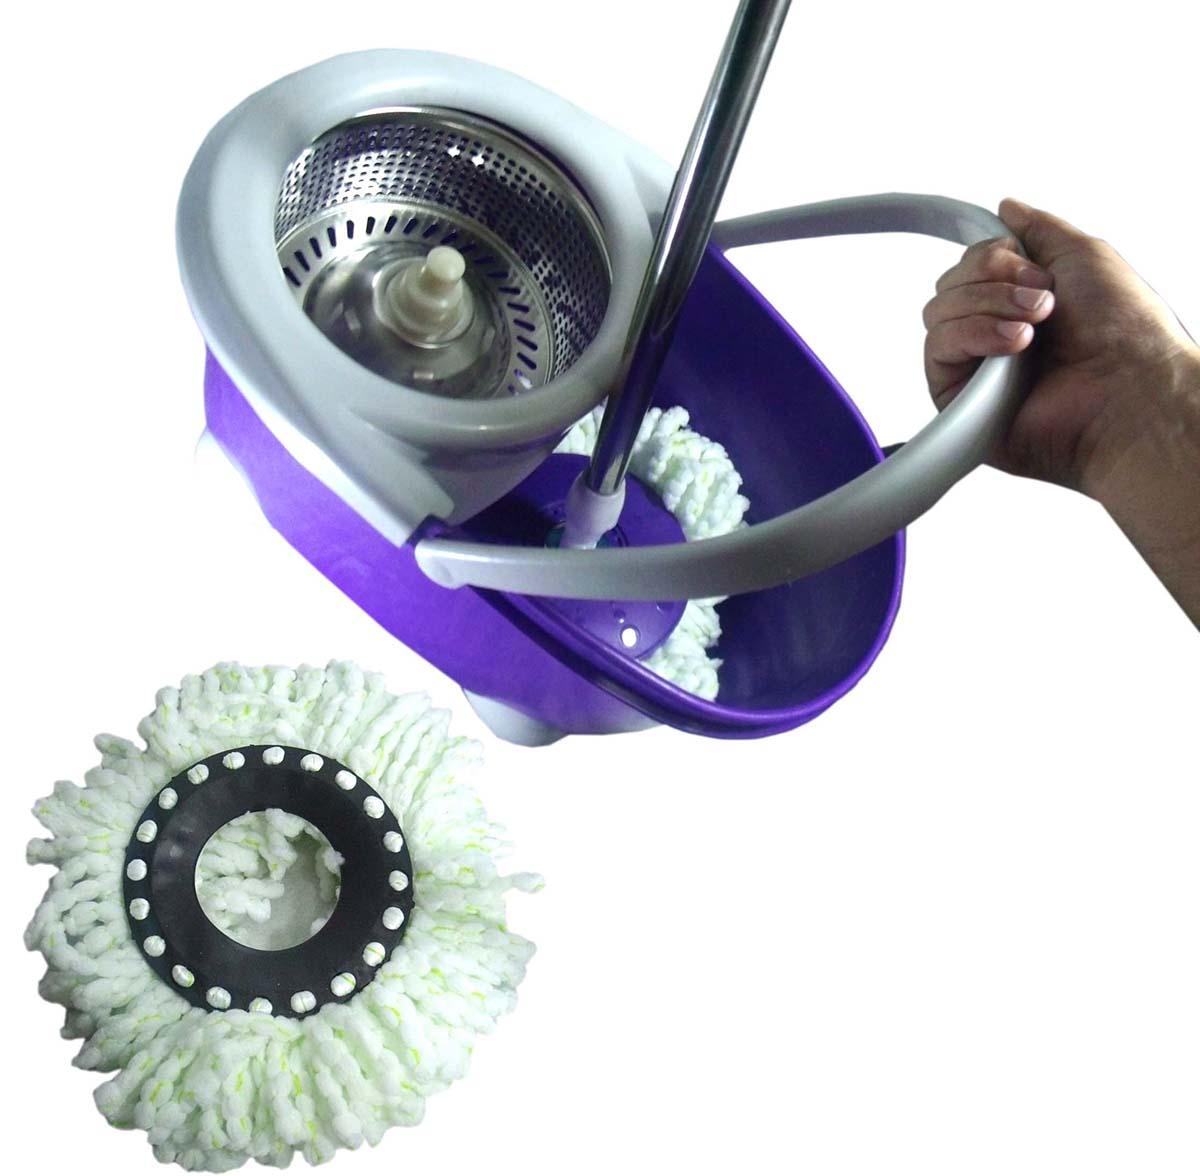 Balde Mop Esfregao Inox De Limpeza Spin Casa Centrifuga + 1 Refil Extra Microfibra Roxo (bsl-mop-4)